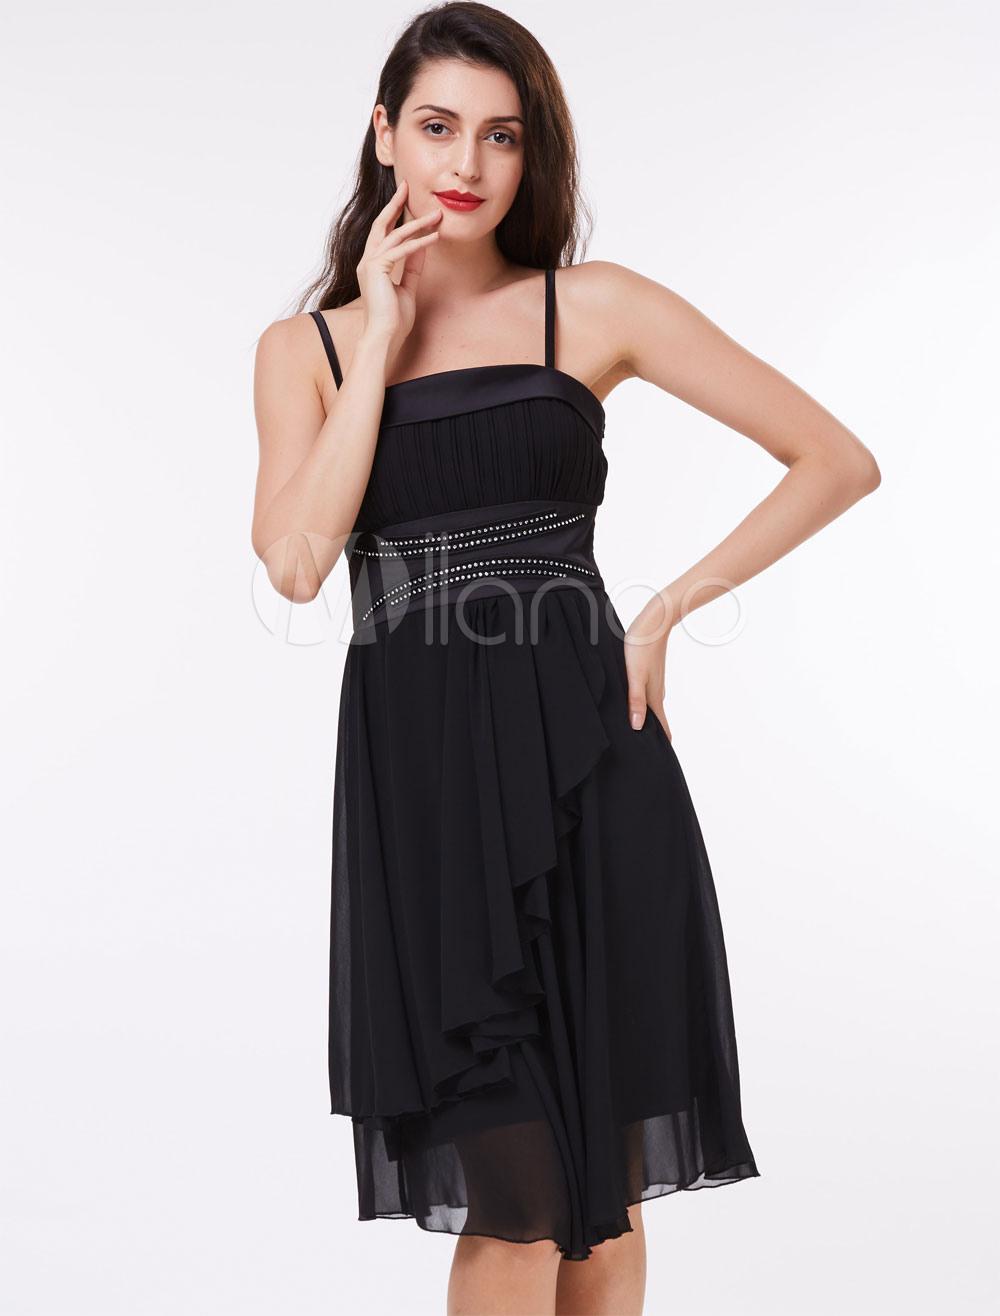 Designer Erstaunlich Kleines Schwarzes Kleid Cocktailkleid Abend Spezialgebiet17 Schön Kleines Schwarzes Kleid Cocktailkleid Abend Ärmel